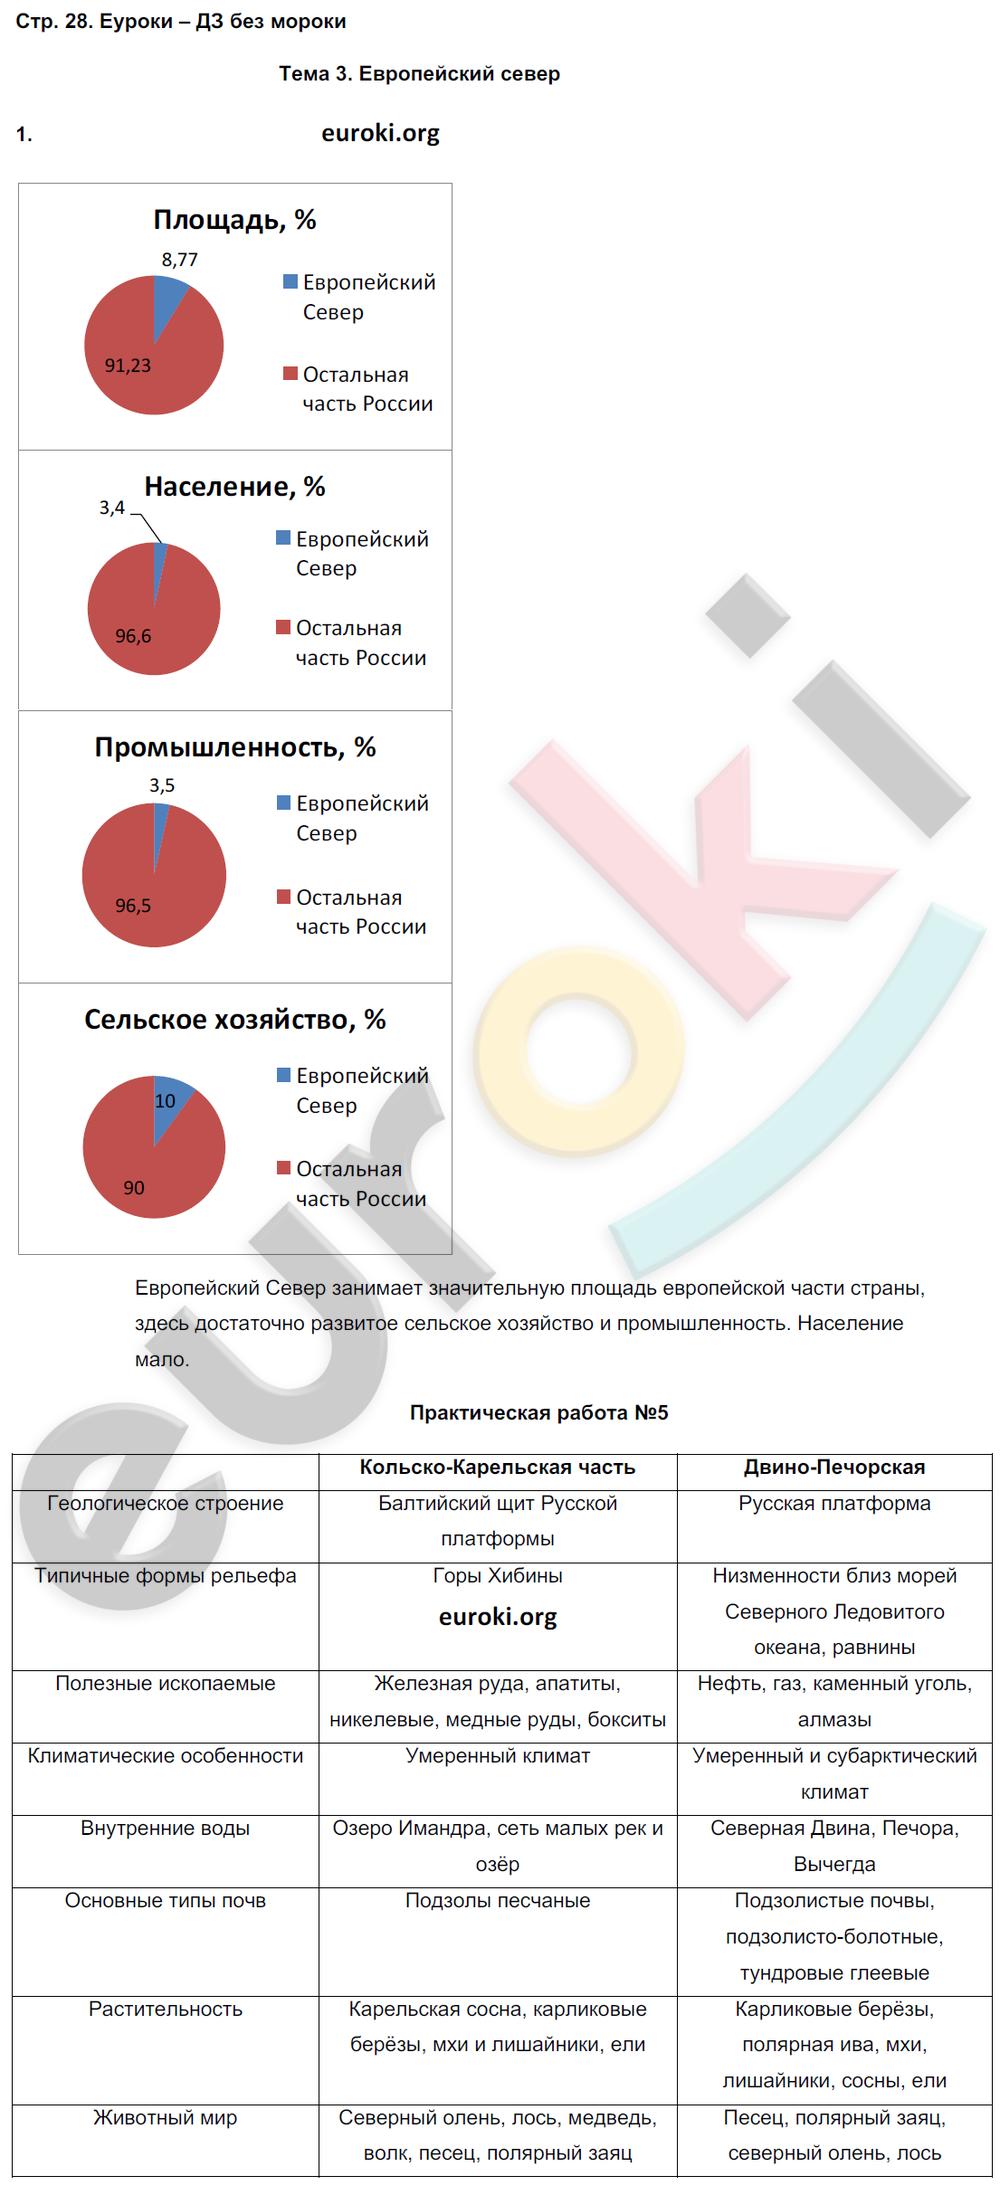 ГДЗ по географии 9 класс рабочая тетрадь Баринова, Суслов. Задание: стр. 28